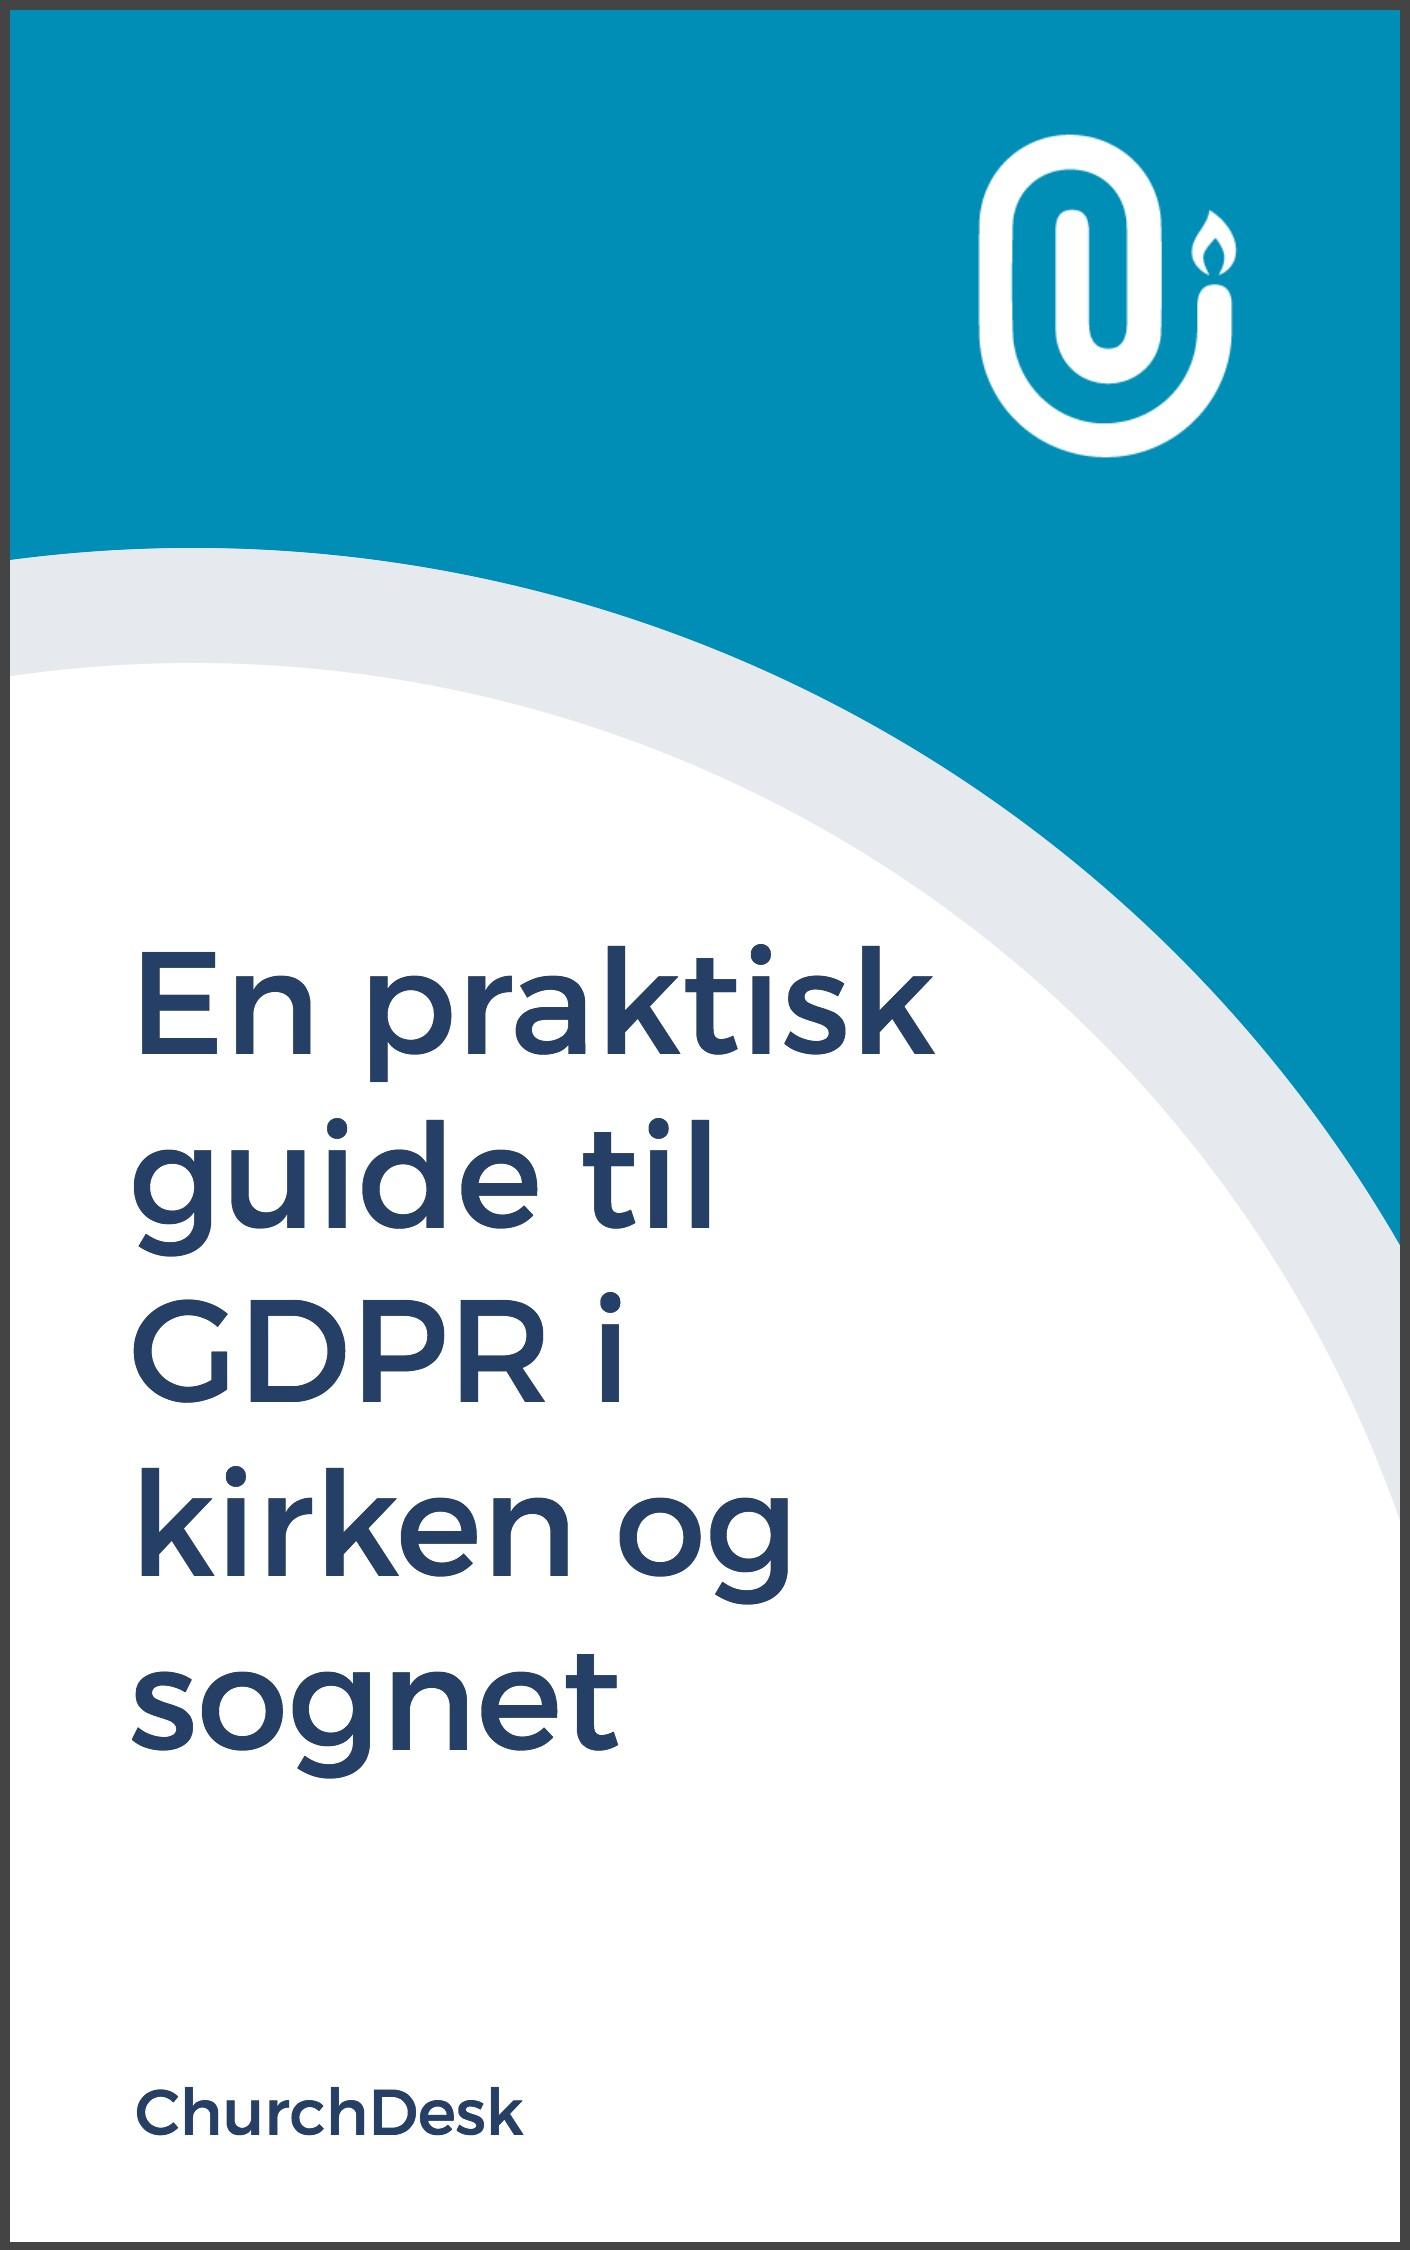 Download en praktisk guide til GDPR i kirken og sognet